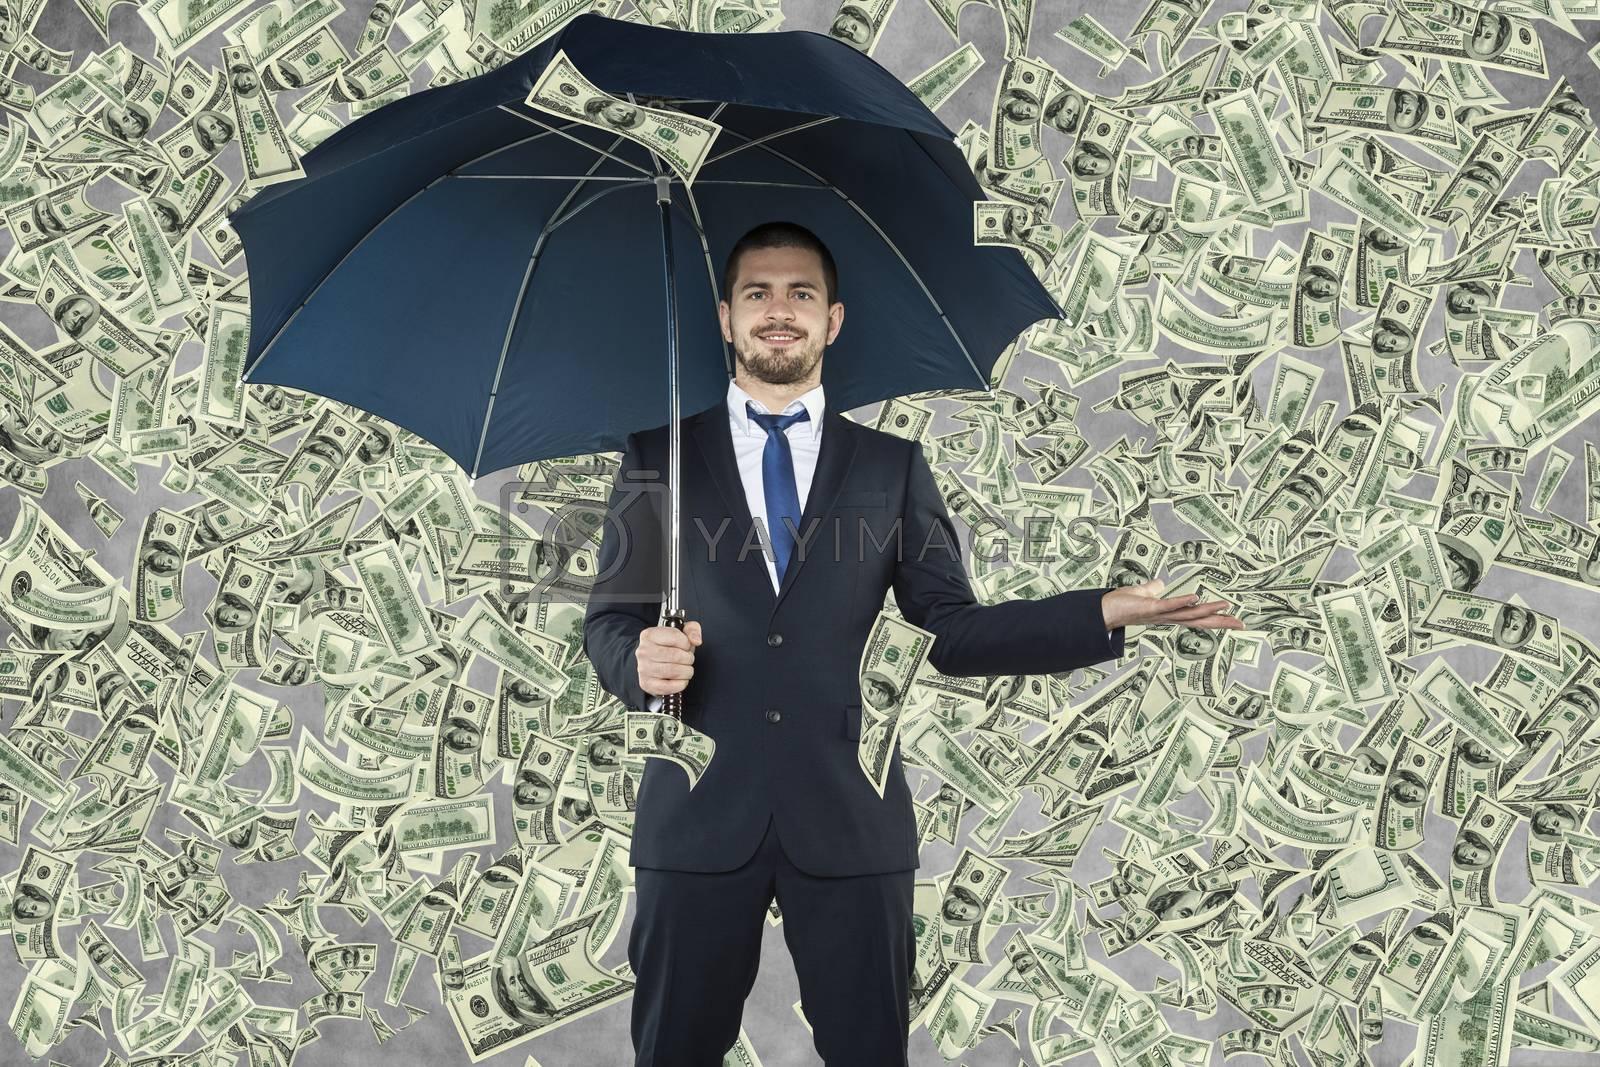 Businessman is a billionaire